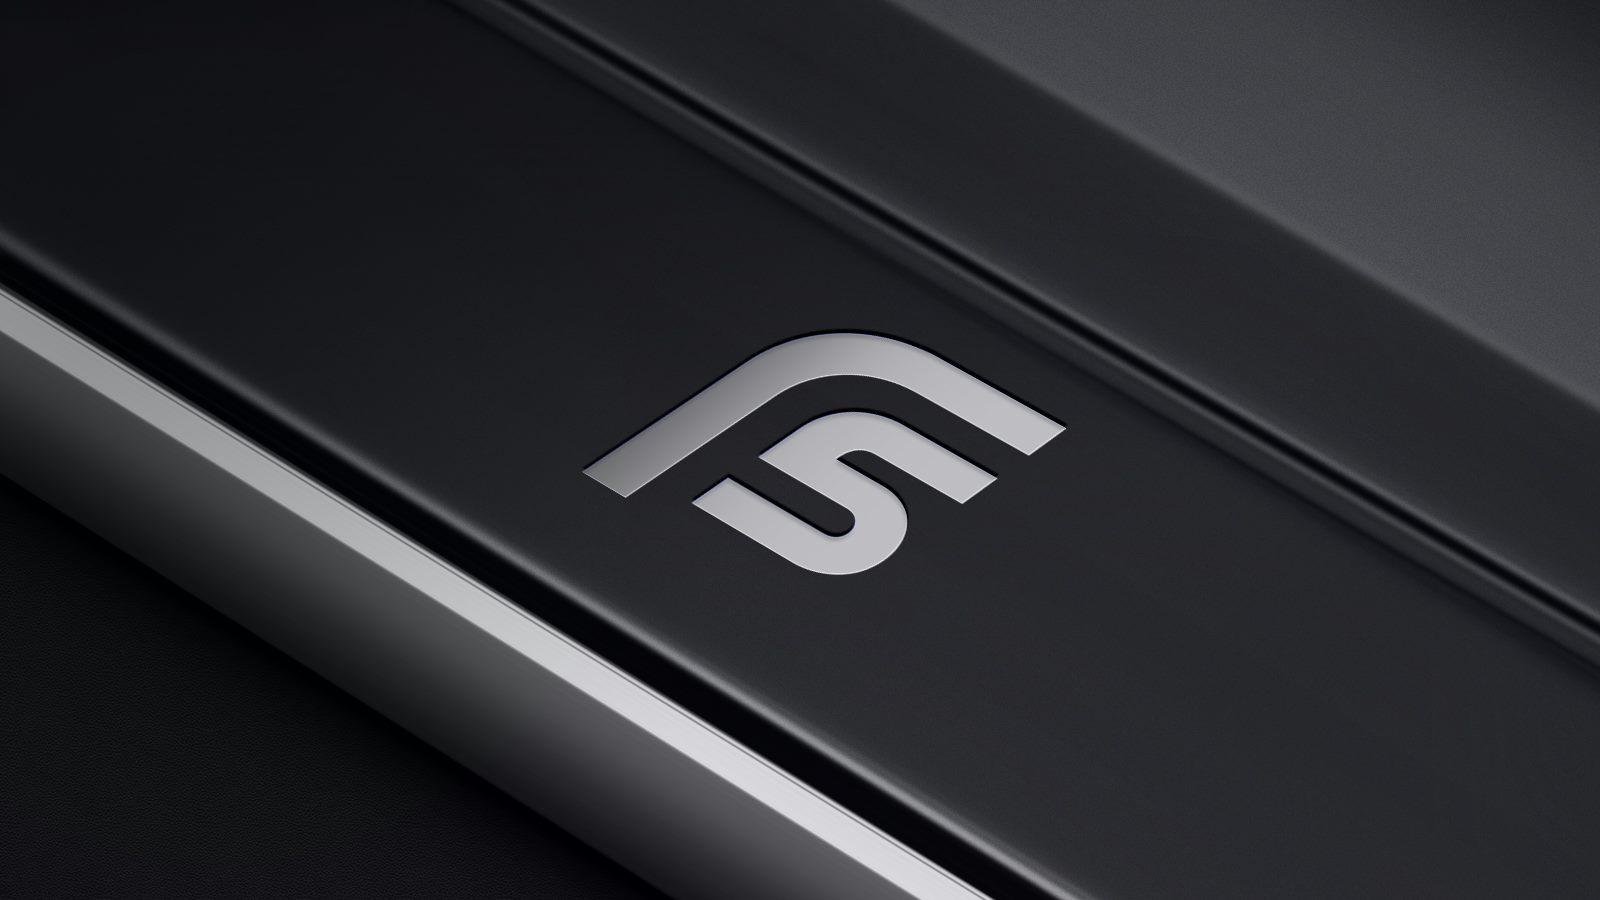 F5 logo design, ლოგოს დამზადება, ლოგოს დიზაინი, ლოგოების შექმნა, ლოგოების დამზადება, ლოგოს დამზადების ფასი,  ბრენდინგი, ბანერების დამზადება, ლოგოტიპის შექმნა, ლოგოტიპების დიზაინი, ოპტიმიზაცია, facebook დიზაინი, ვებგვერდის დიზაინი, ლოგოების დიზაინი, ლოგოტიპების დამზადება, saitebis damzadena, logoebis damzadena, saitis damzadeba, logos damzadeba,